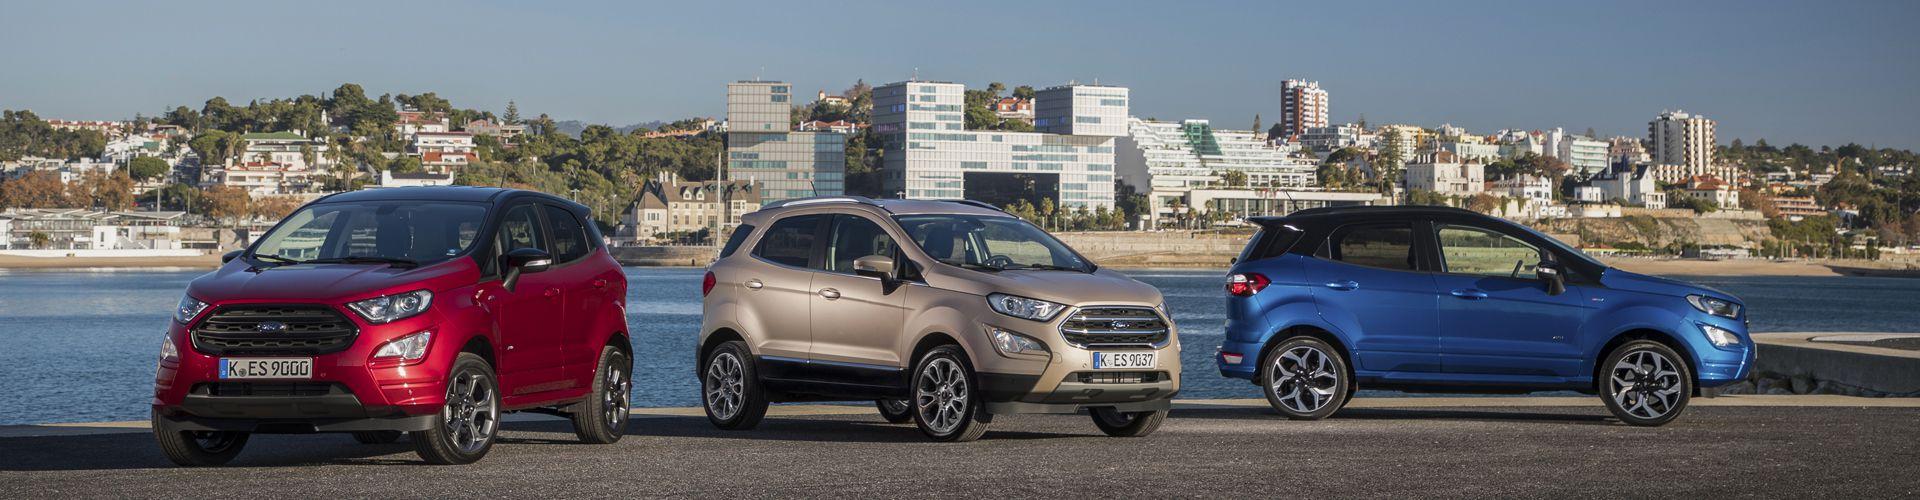 Ford Ecosport - Α. Λιάπη